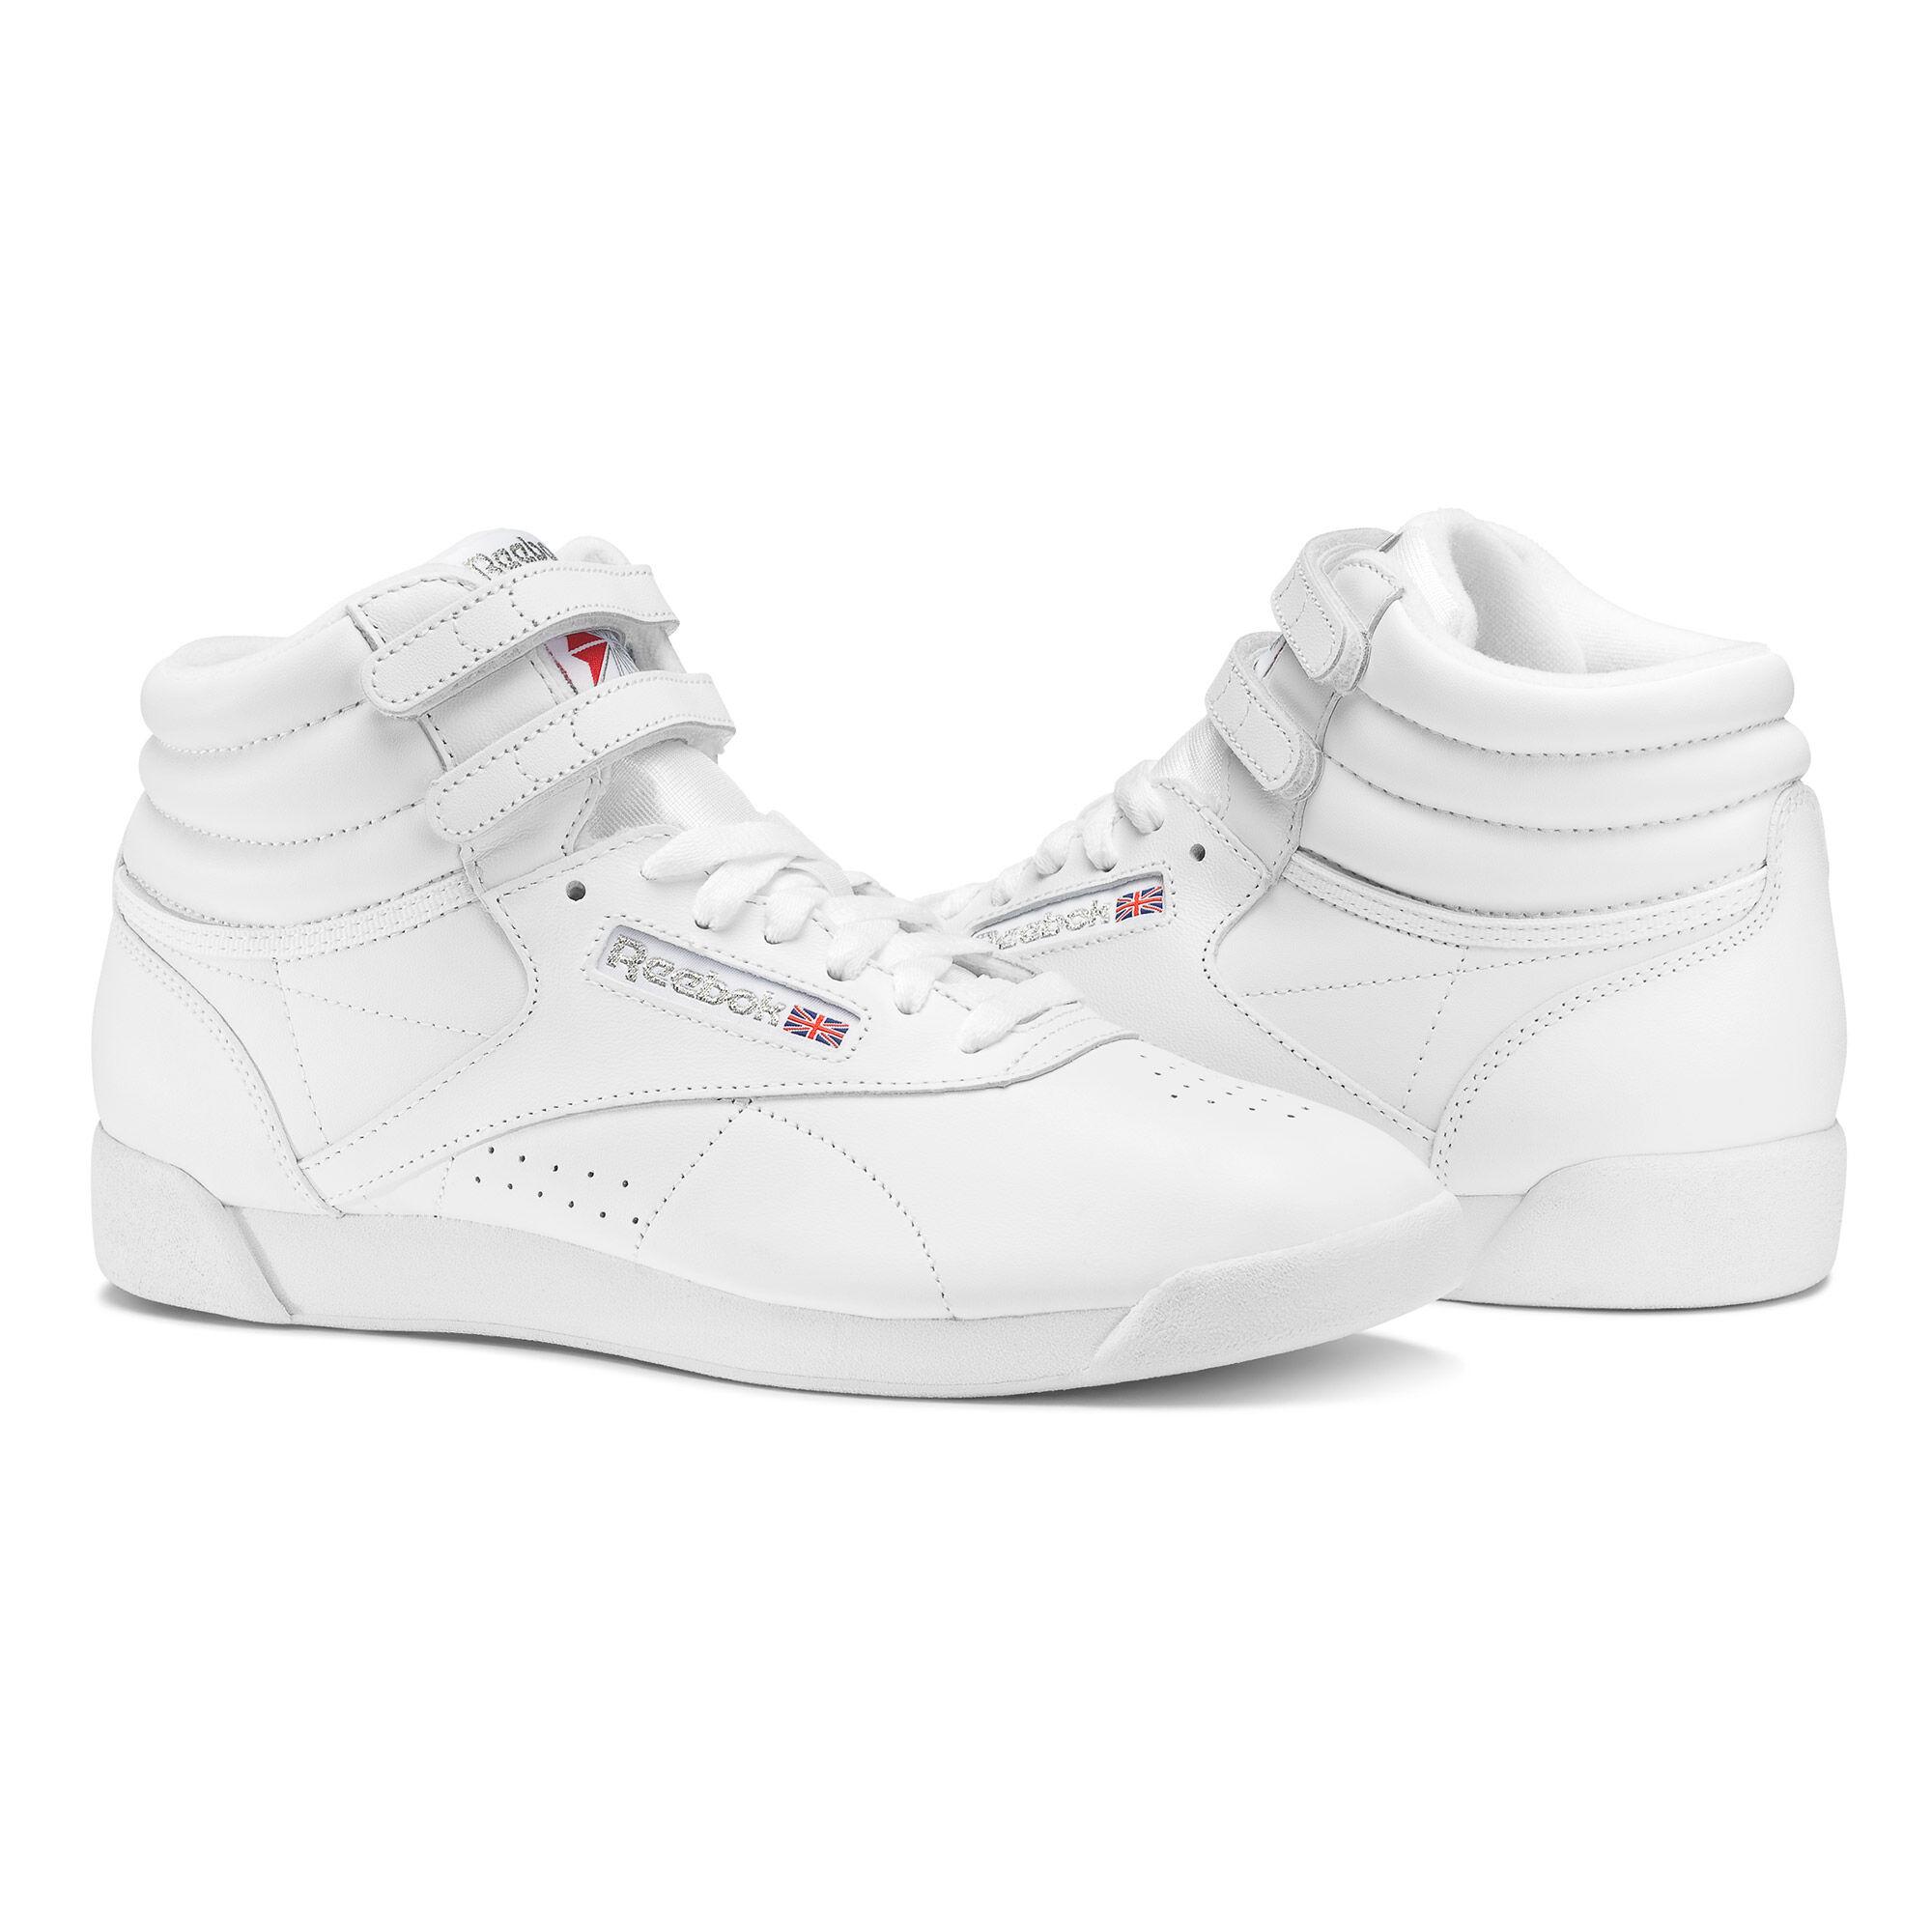 Reebok - Freestyle Hi White / Silver 2431